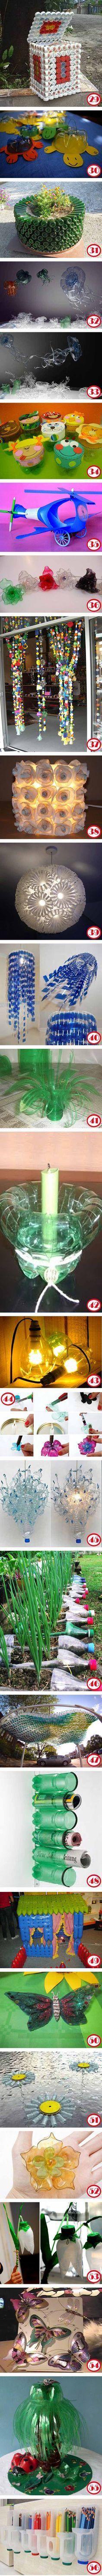 Manualidades mediante reciclaje de botellas pet